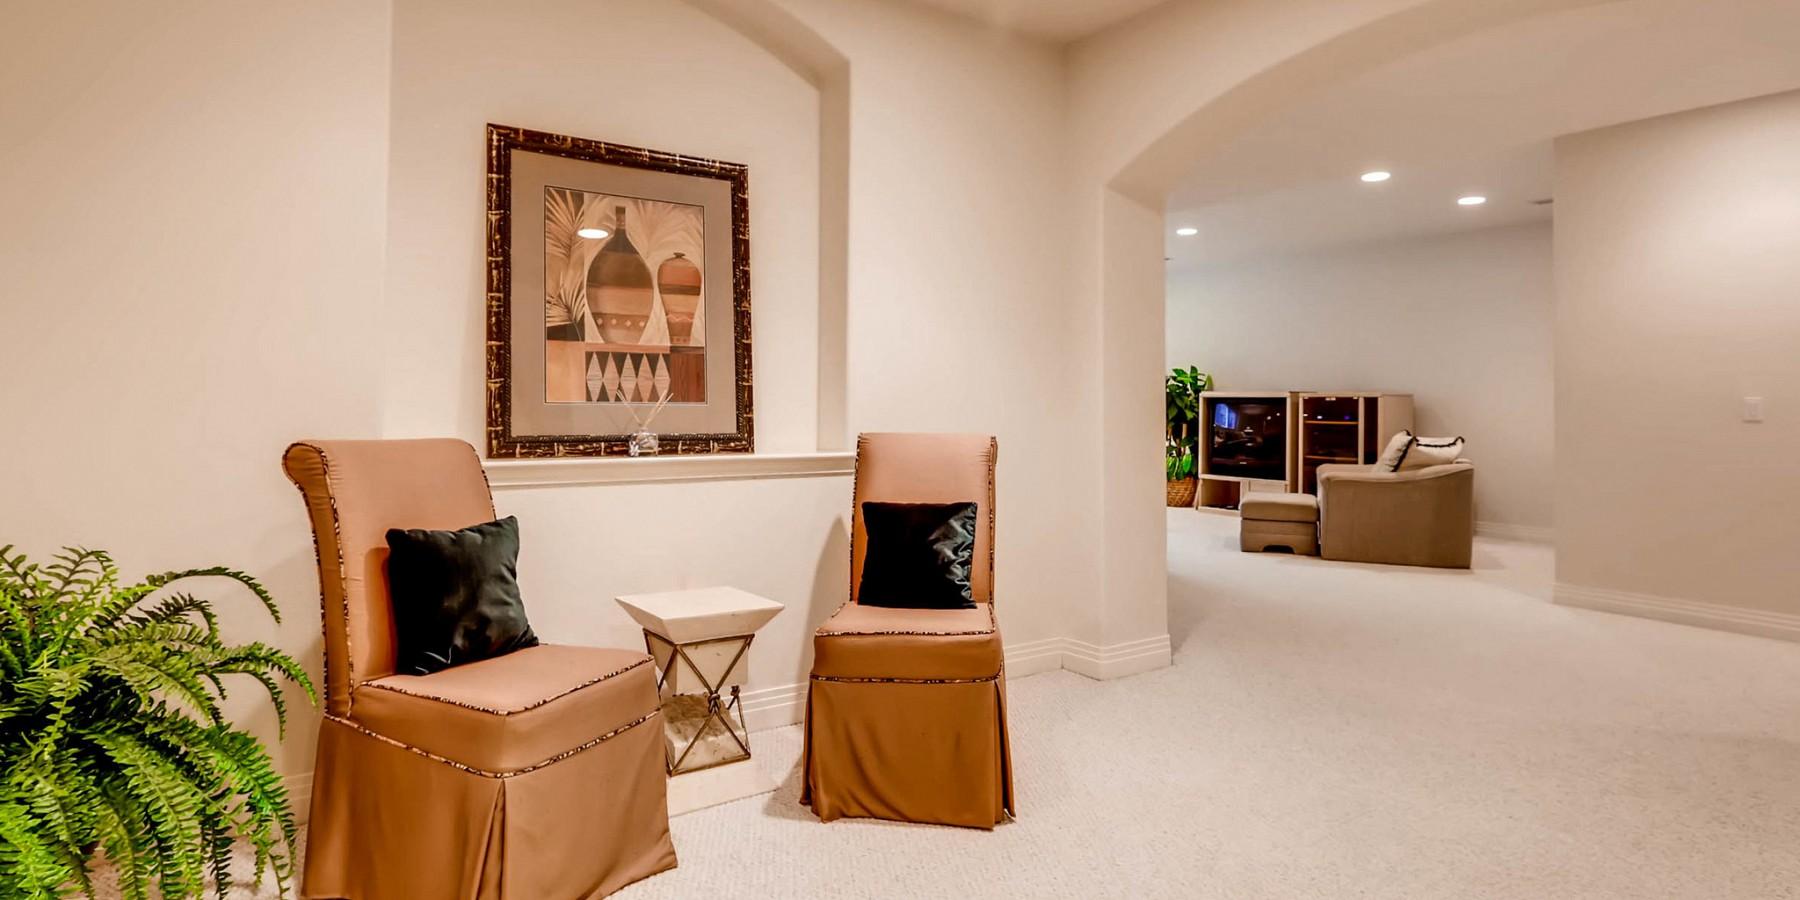 3 Arabian Place, Littleton, CO 80123